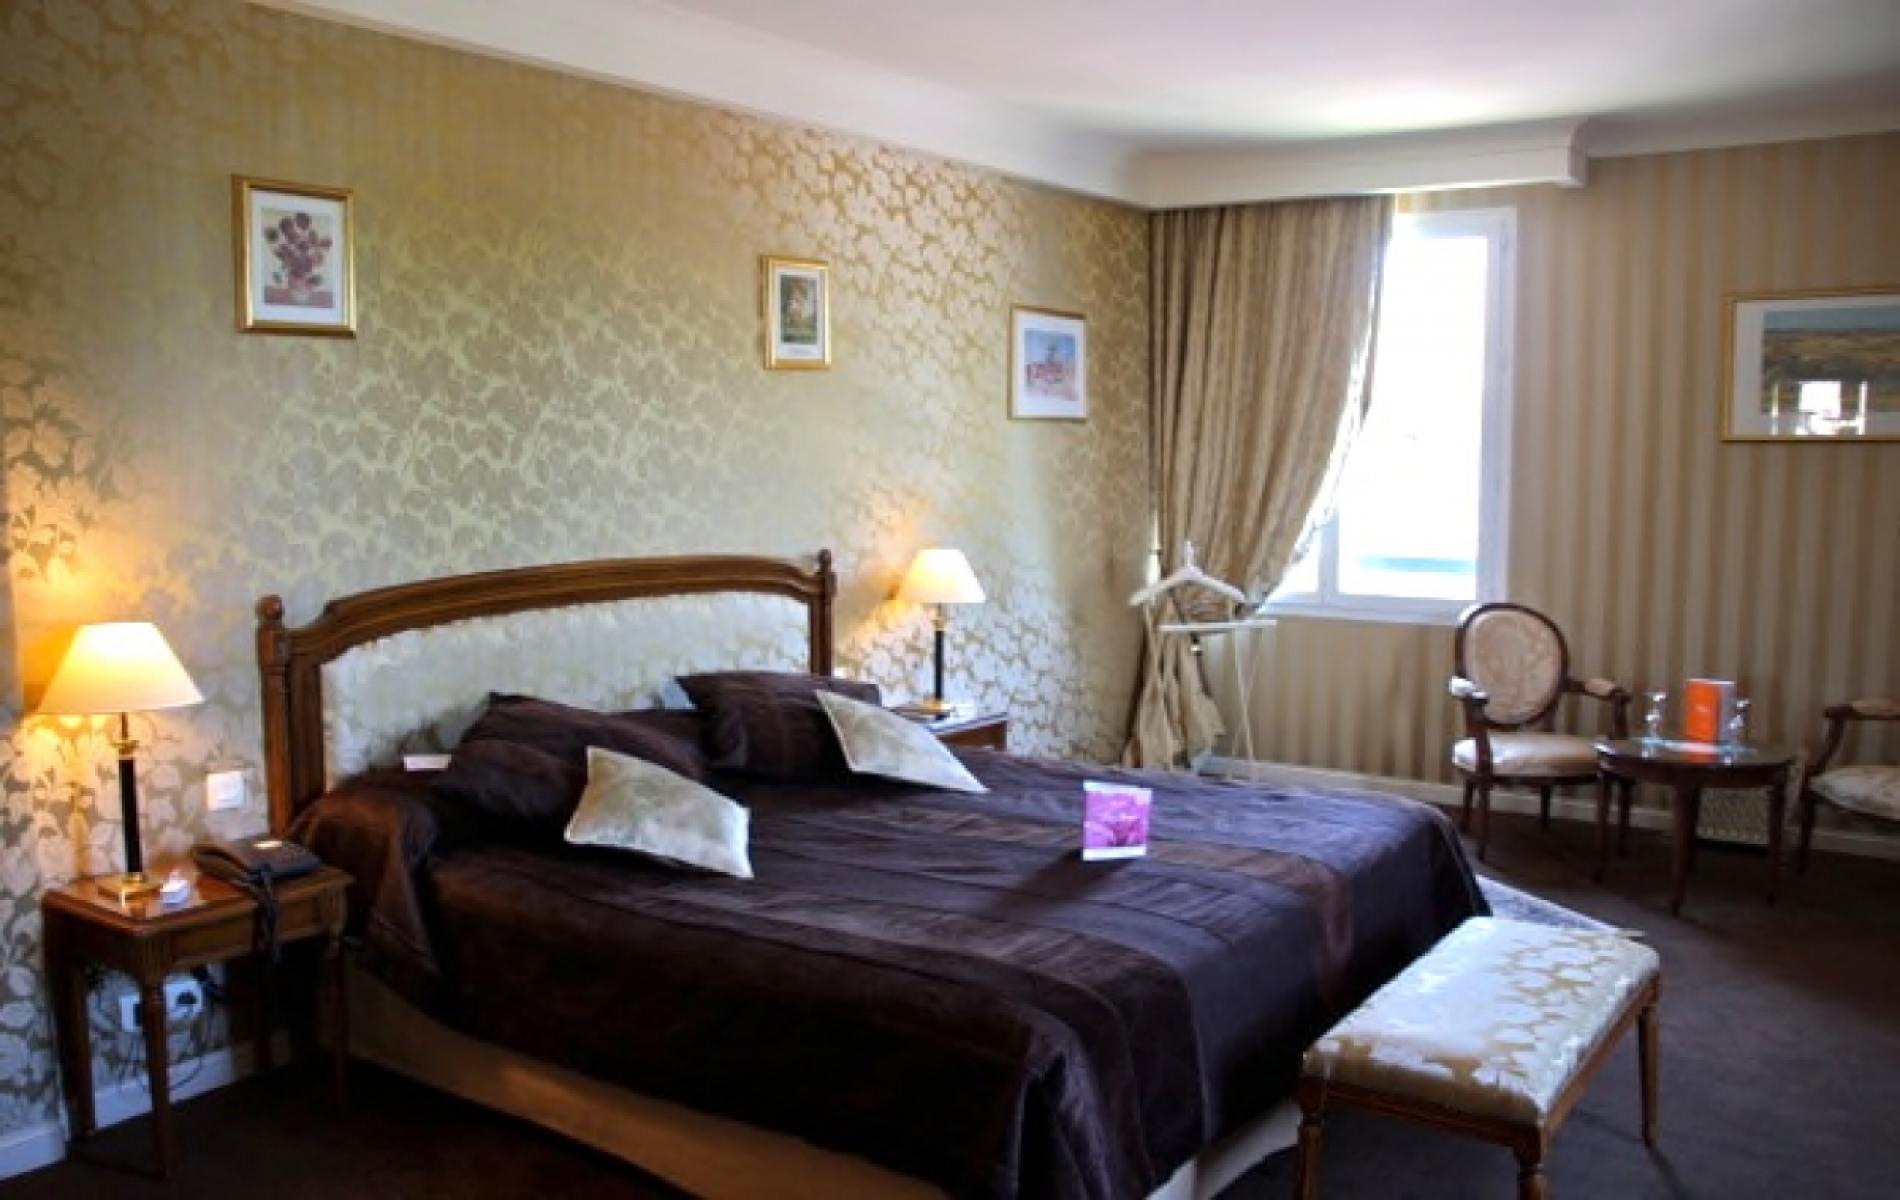 Chambre spacieuse pour un séminaire à Deauville